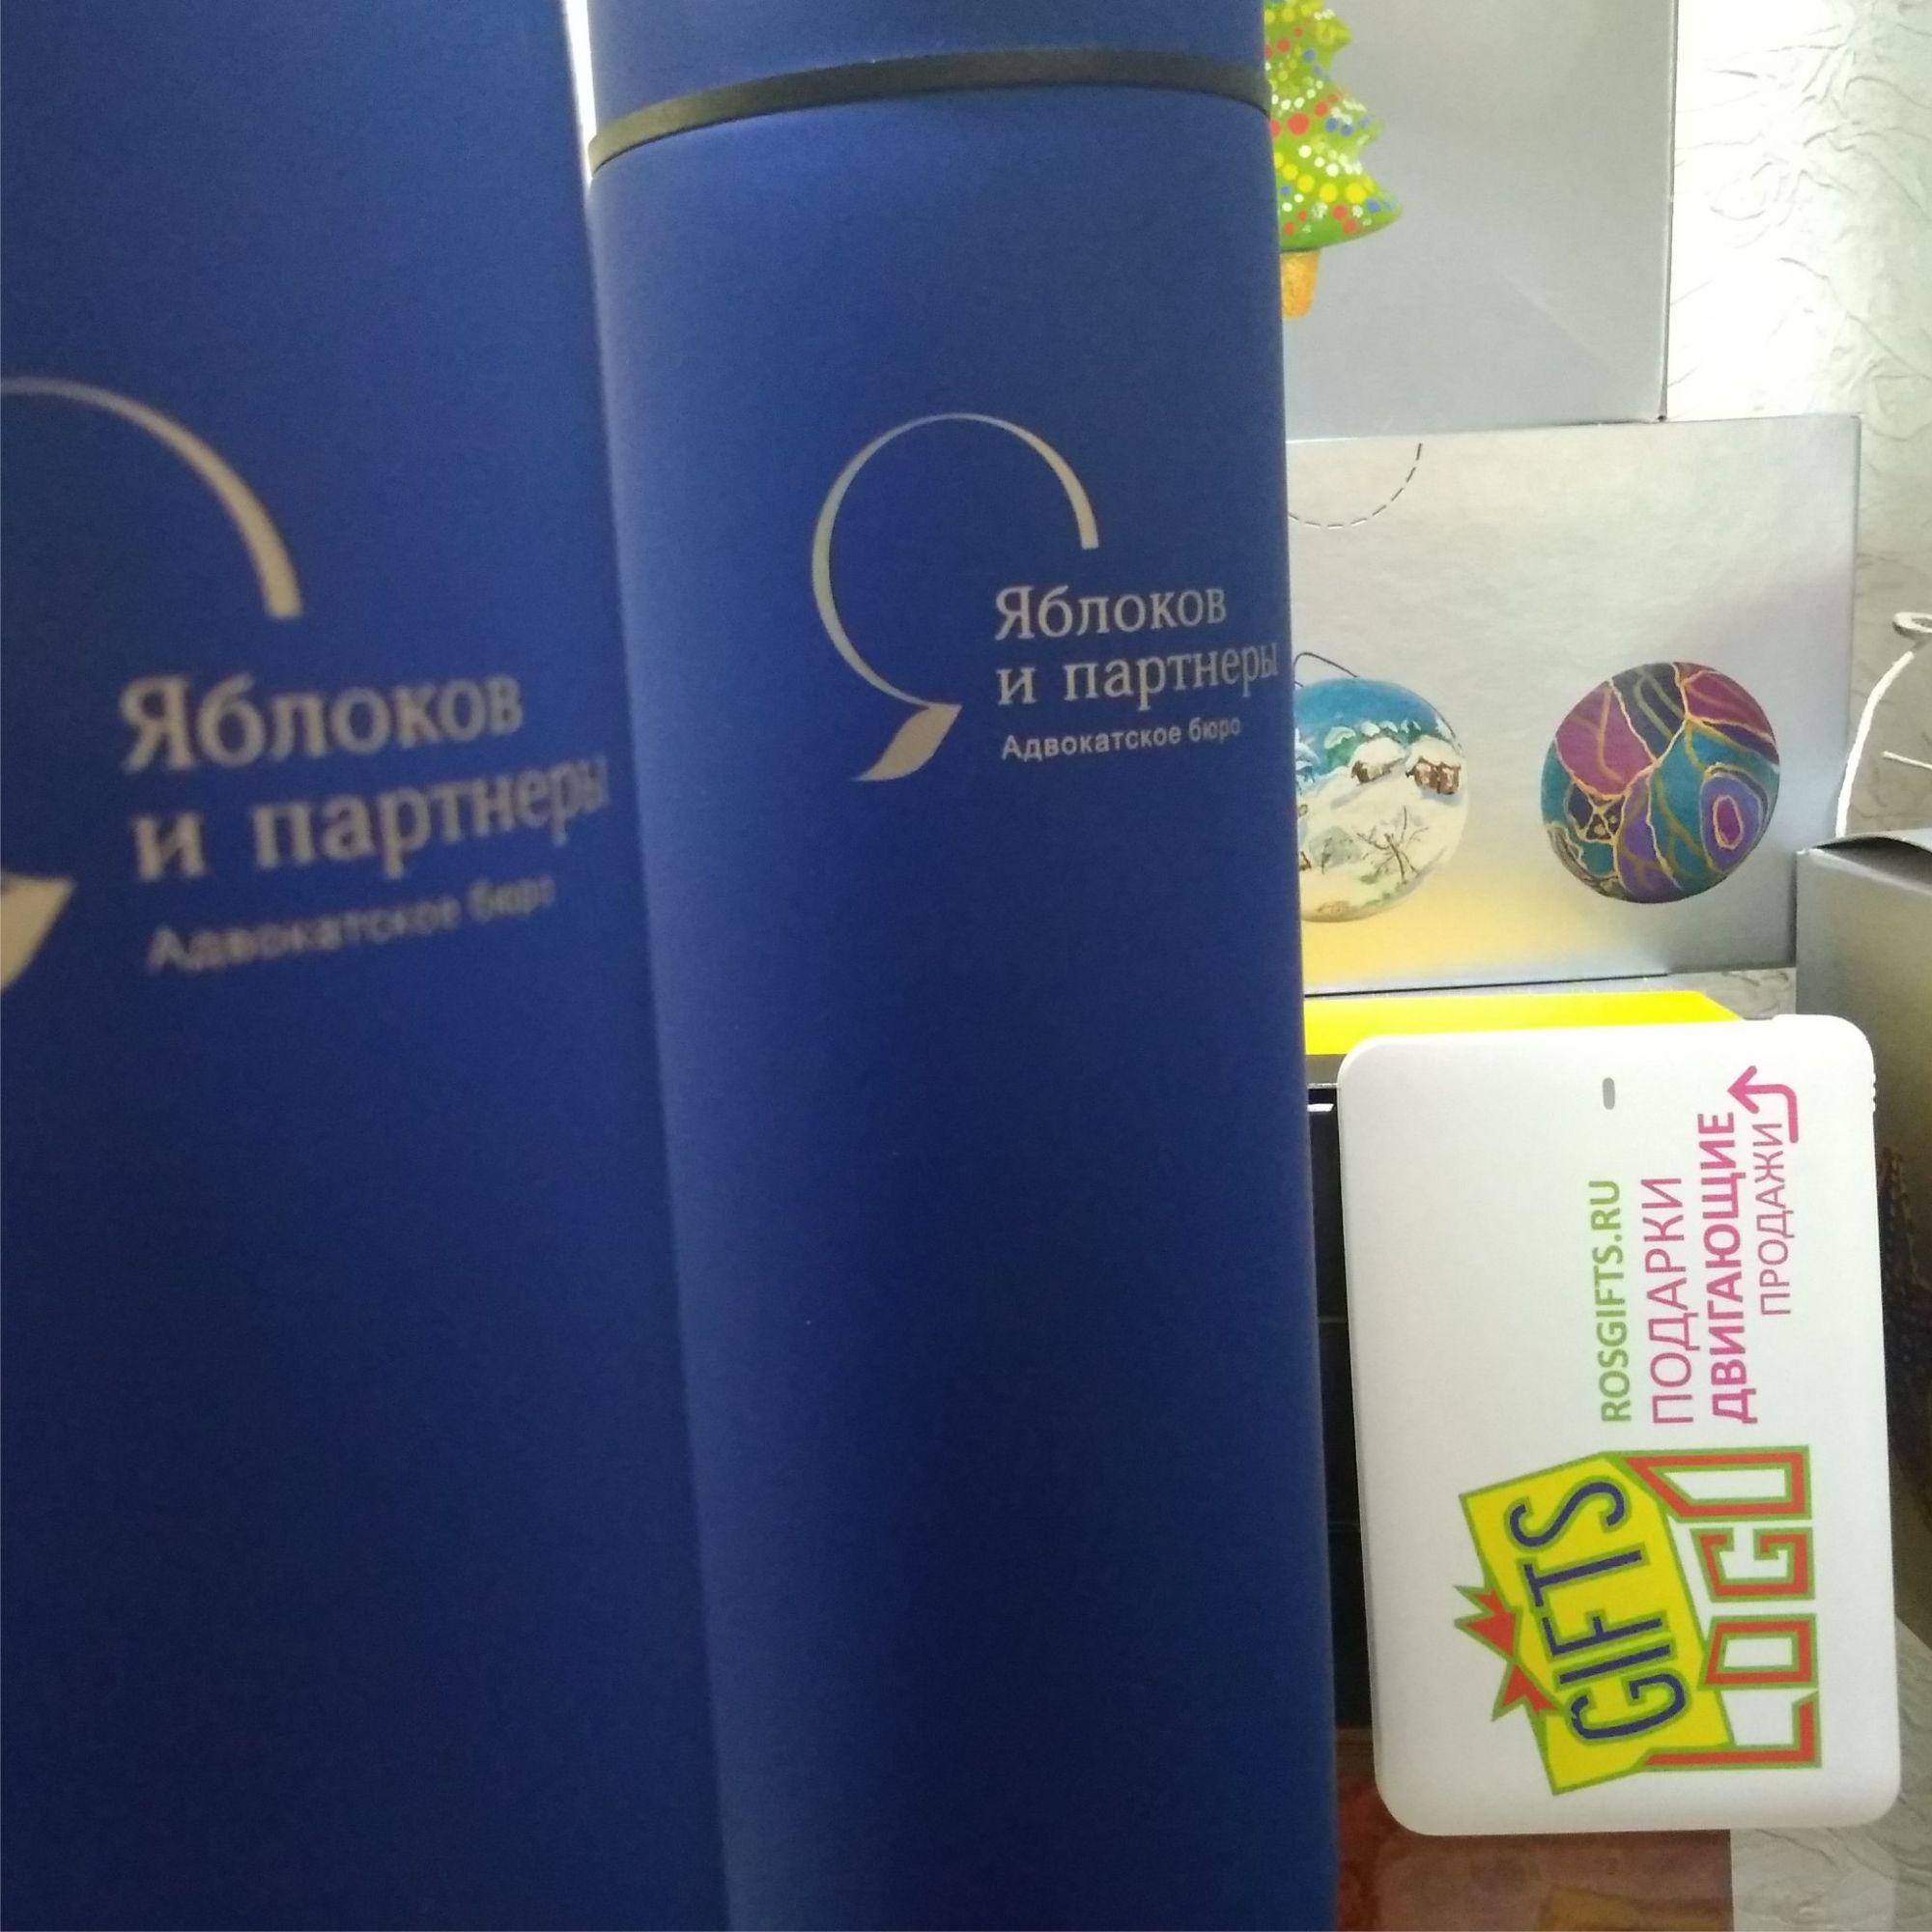 сувенирная продукция в Казани